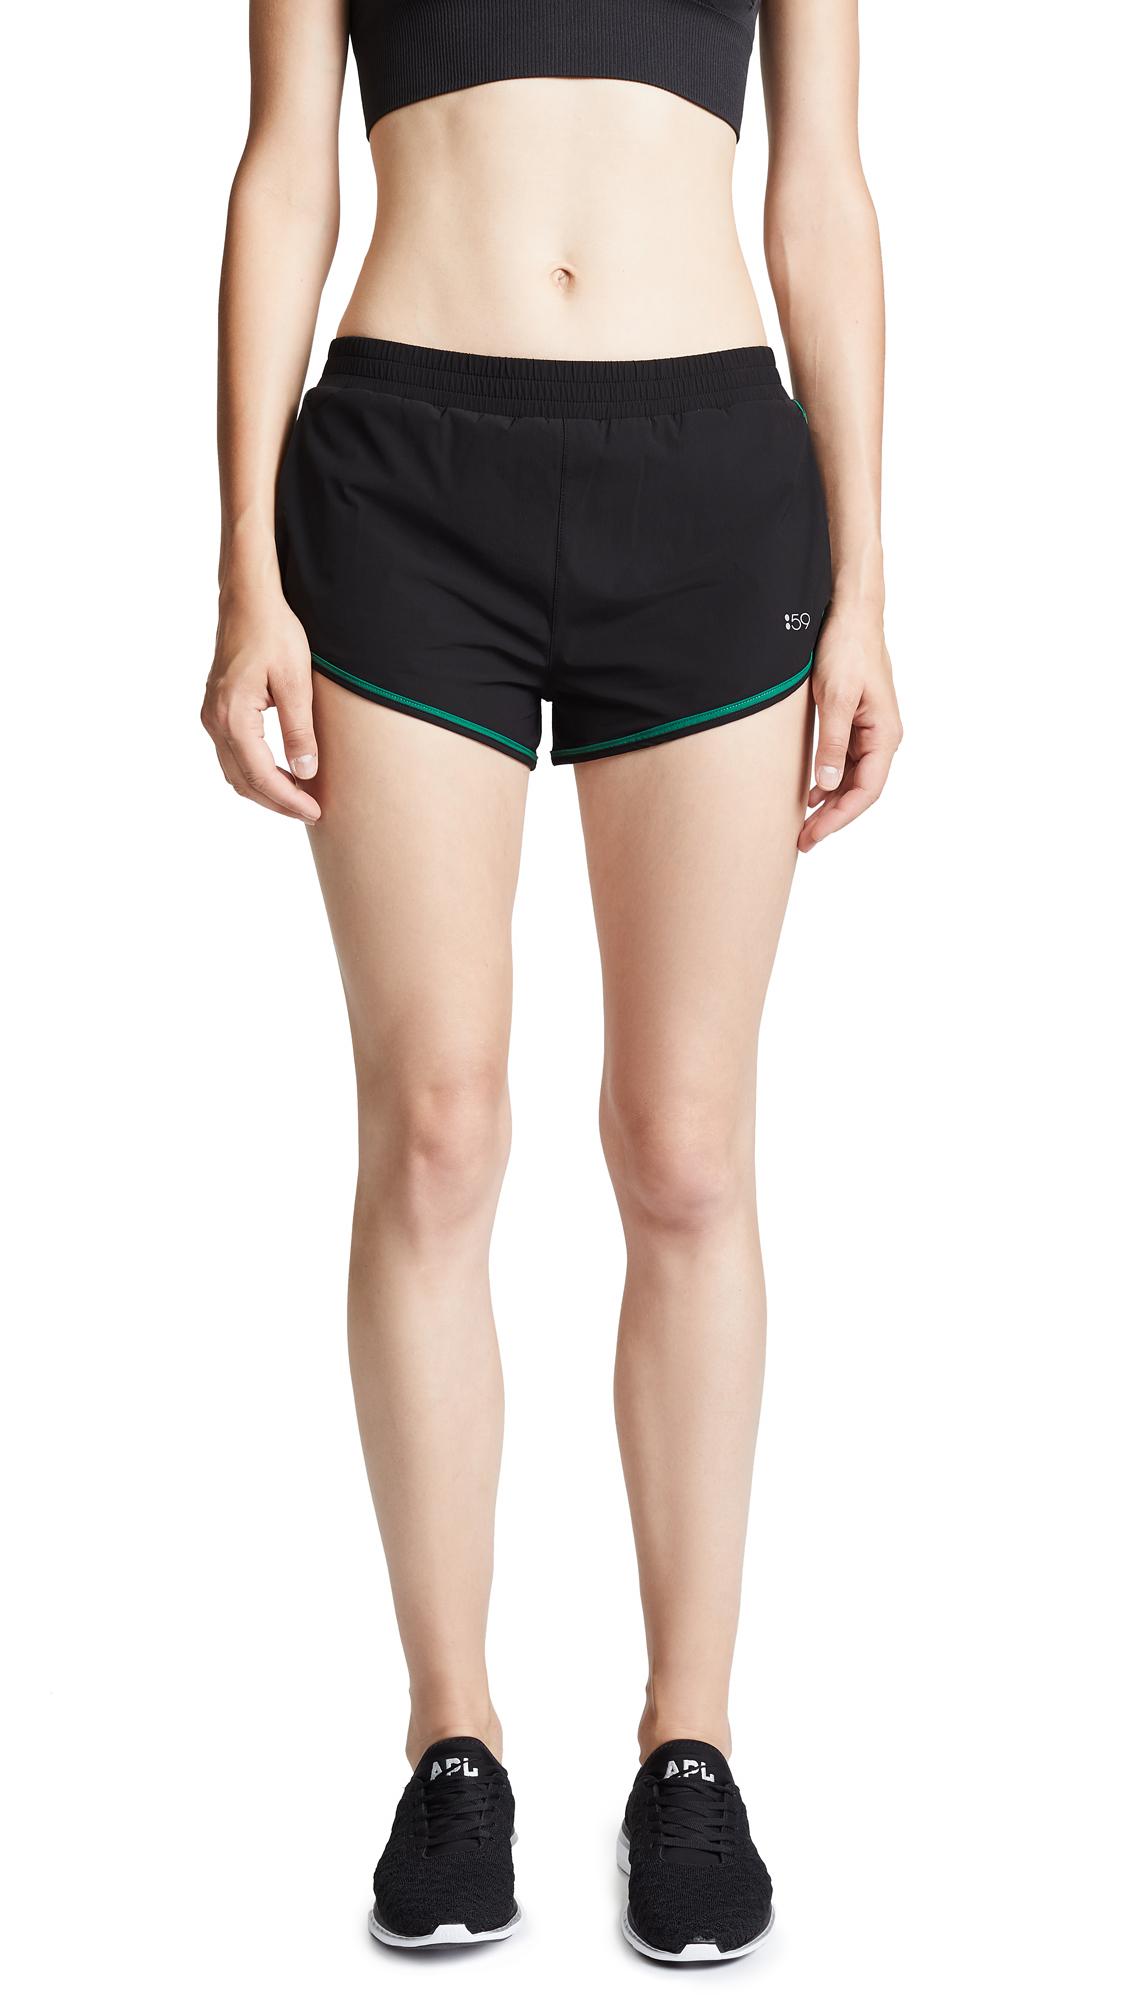 SPLITS59 Go Shorts in Black/Field Print